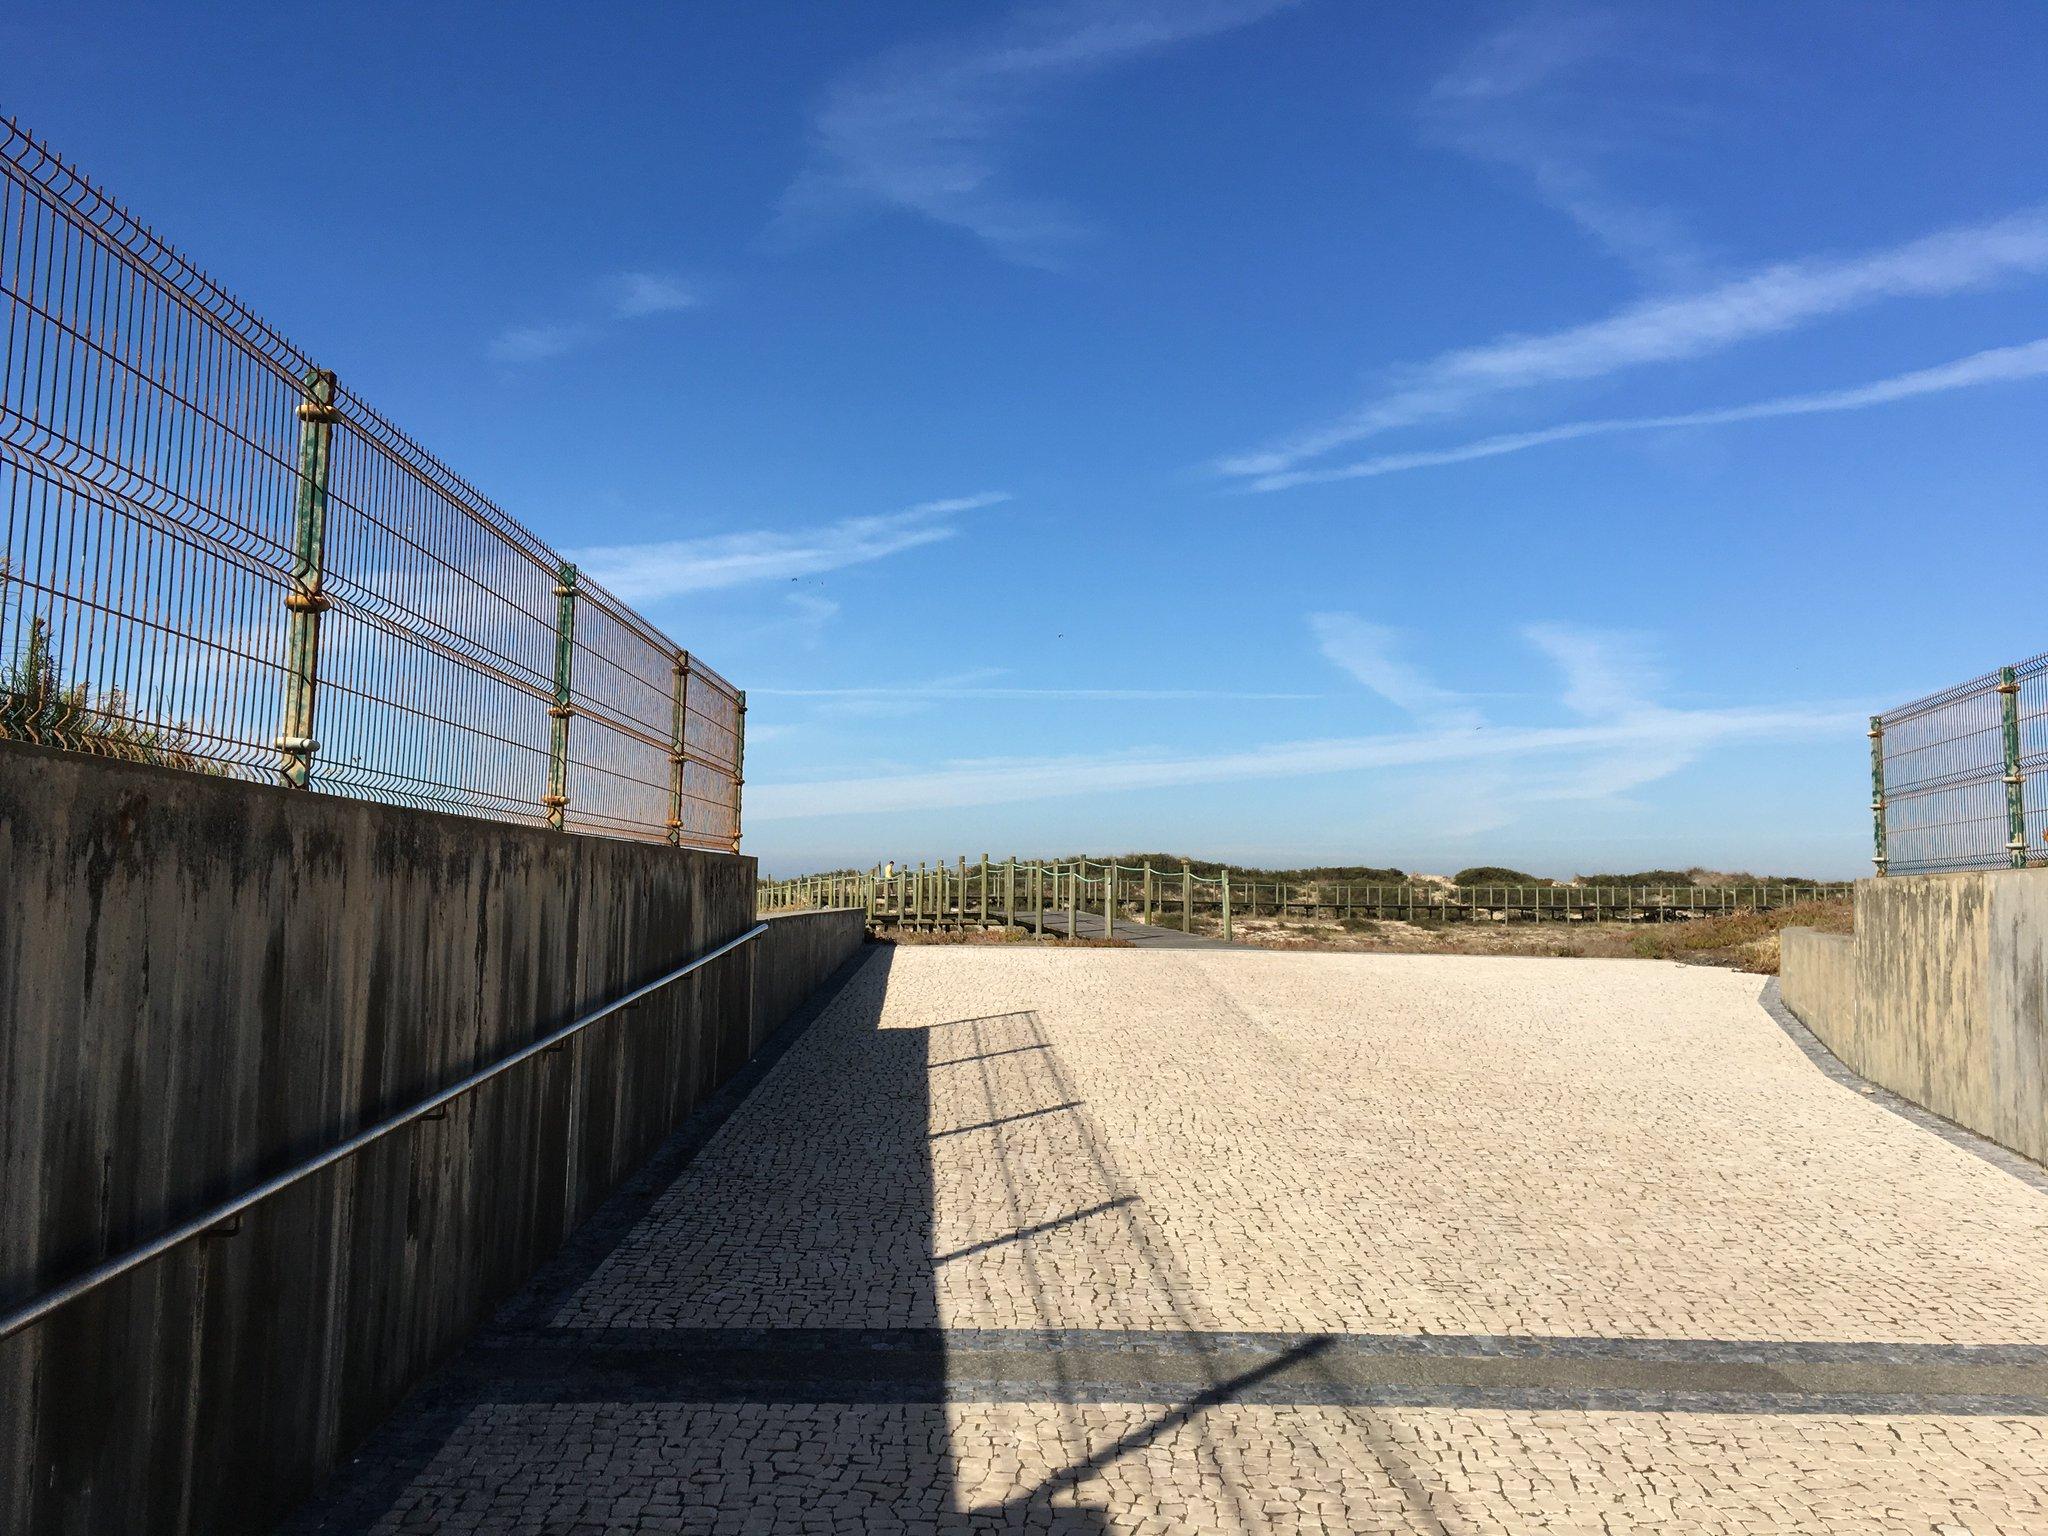 Und jetzt aber mal an den Strand … Durch die Unterführung… #olimarreisen #meurers https://t.co/e8aPqkXmJ9